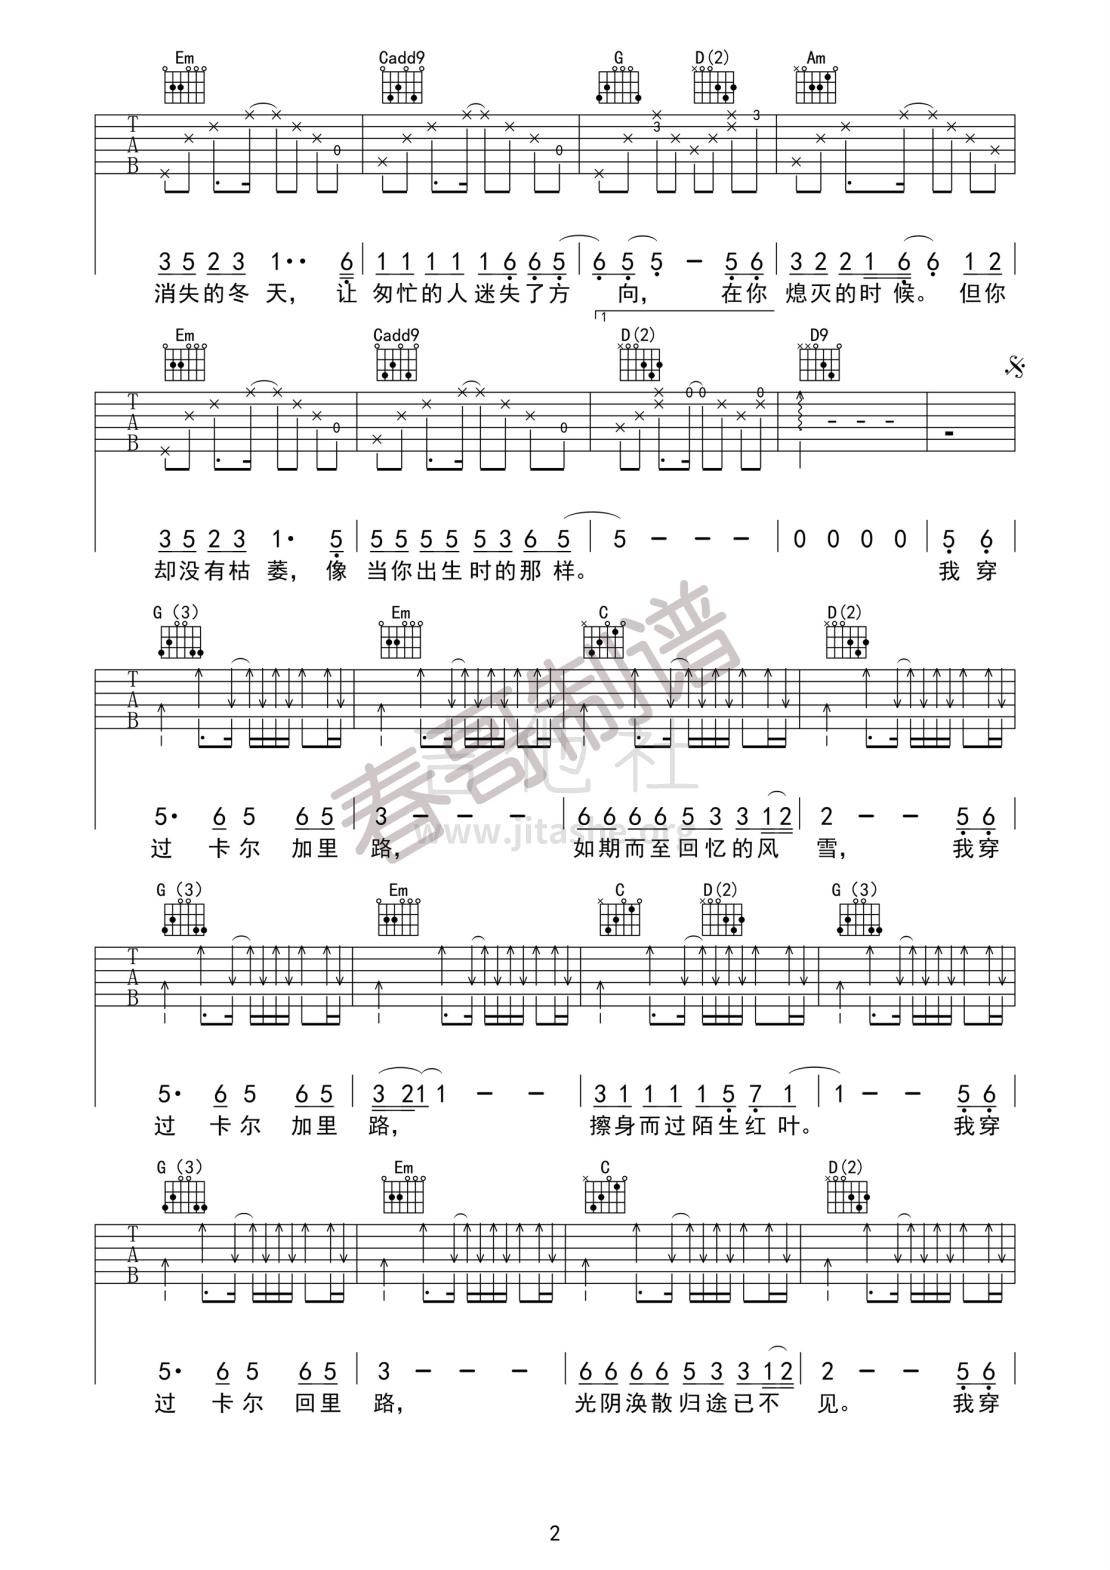 卡尔加里路吉他谱(图片谱,弹唱)_丢火车_2.png